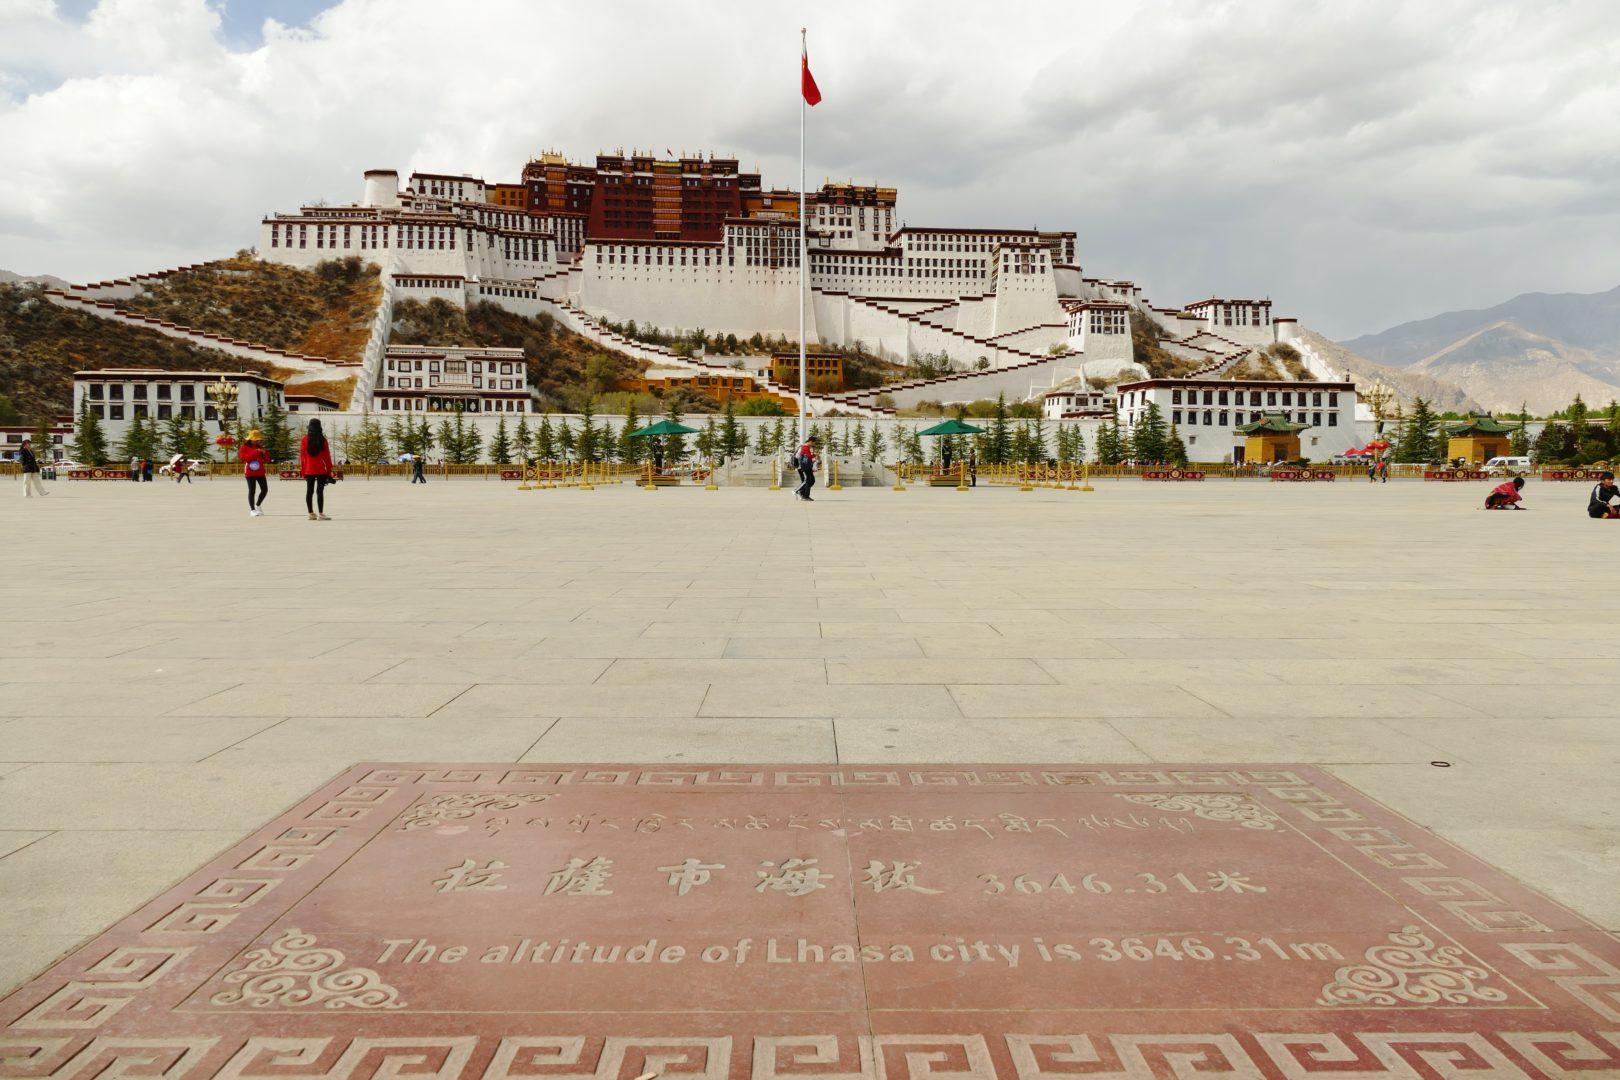 L'altitudine di Lhasa indicata sulla piazza antistante il Potala: 3.646m